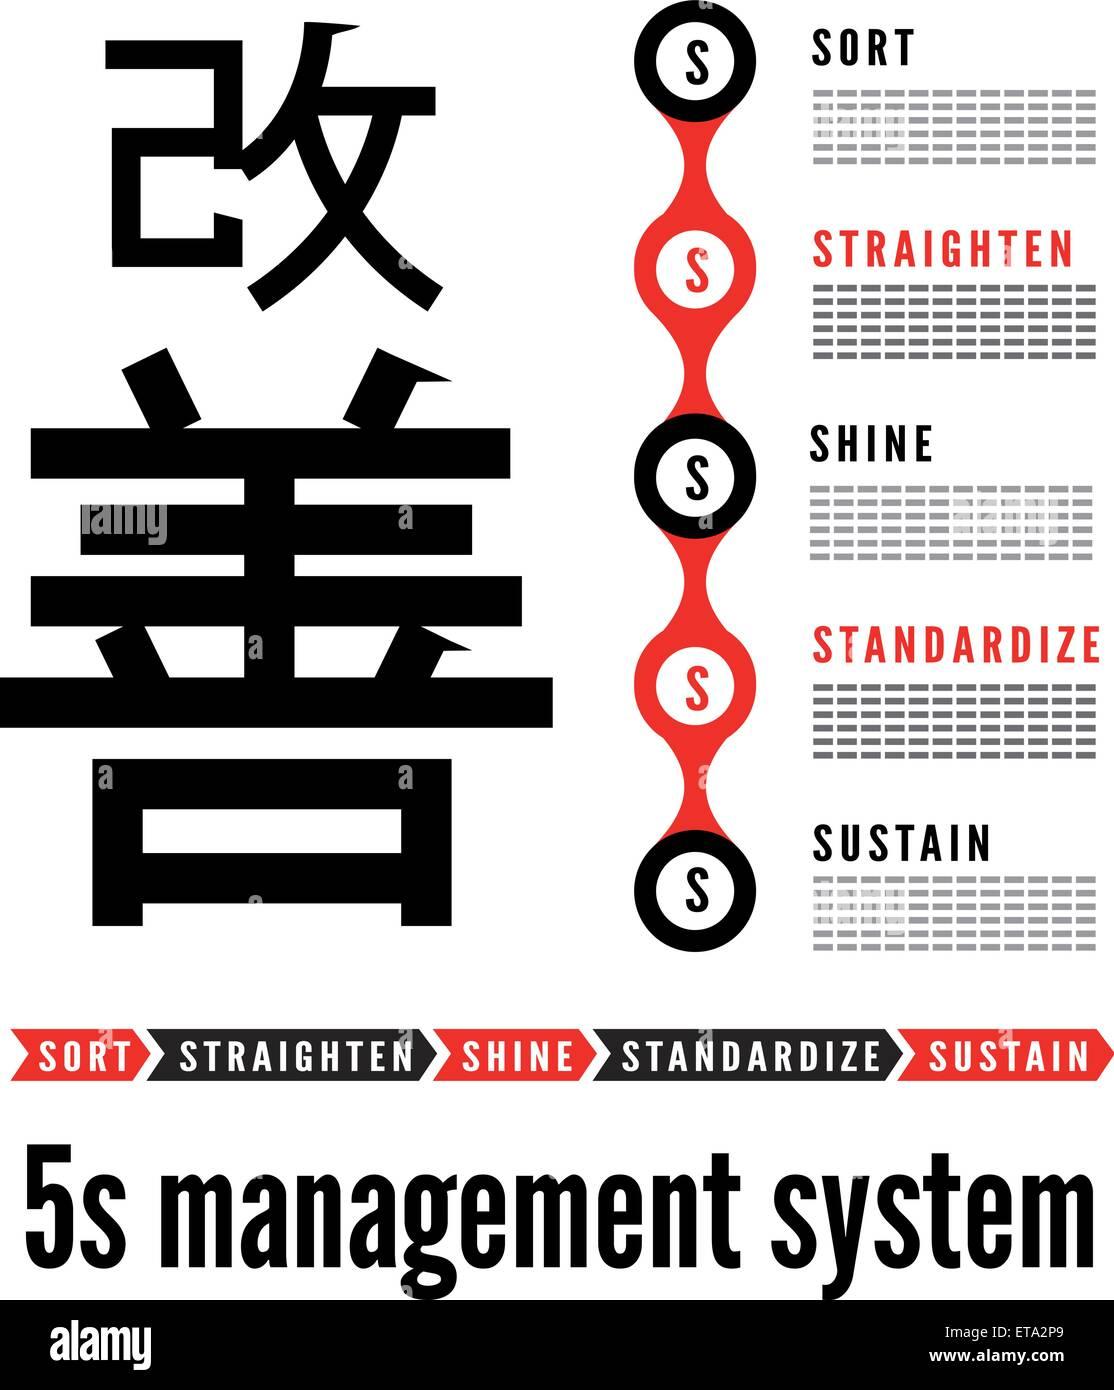 5S Methodology Kaizen Management From Japan Stock Vector